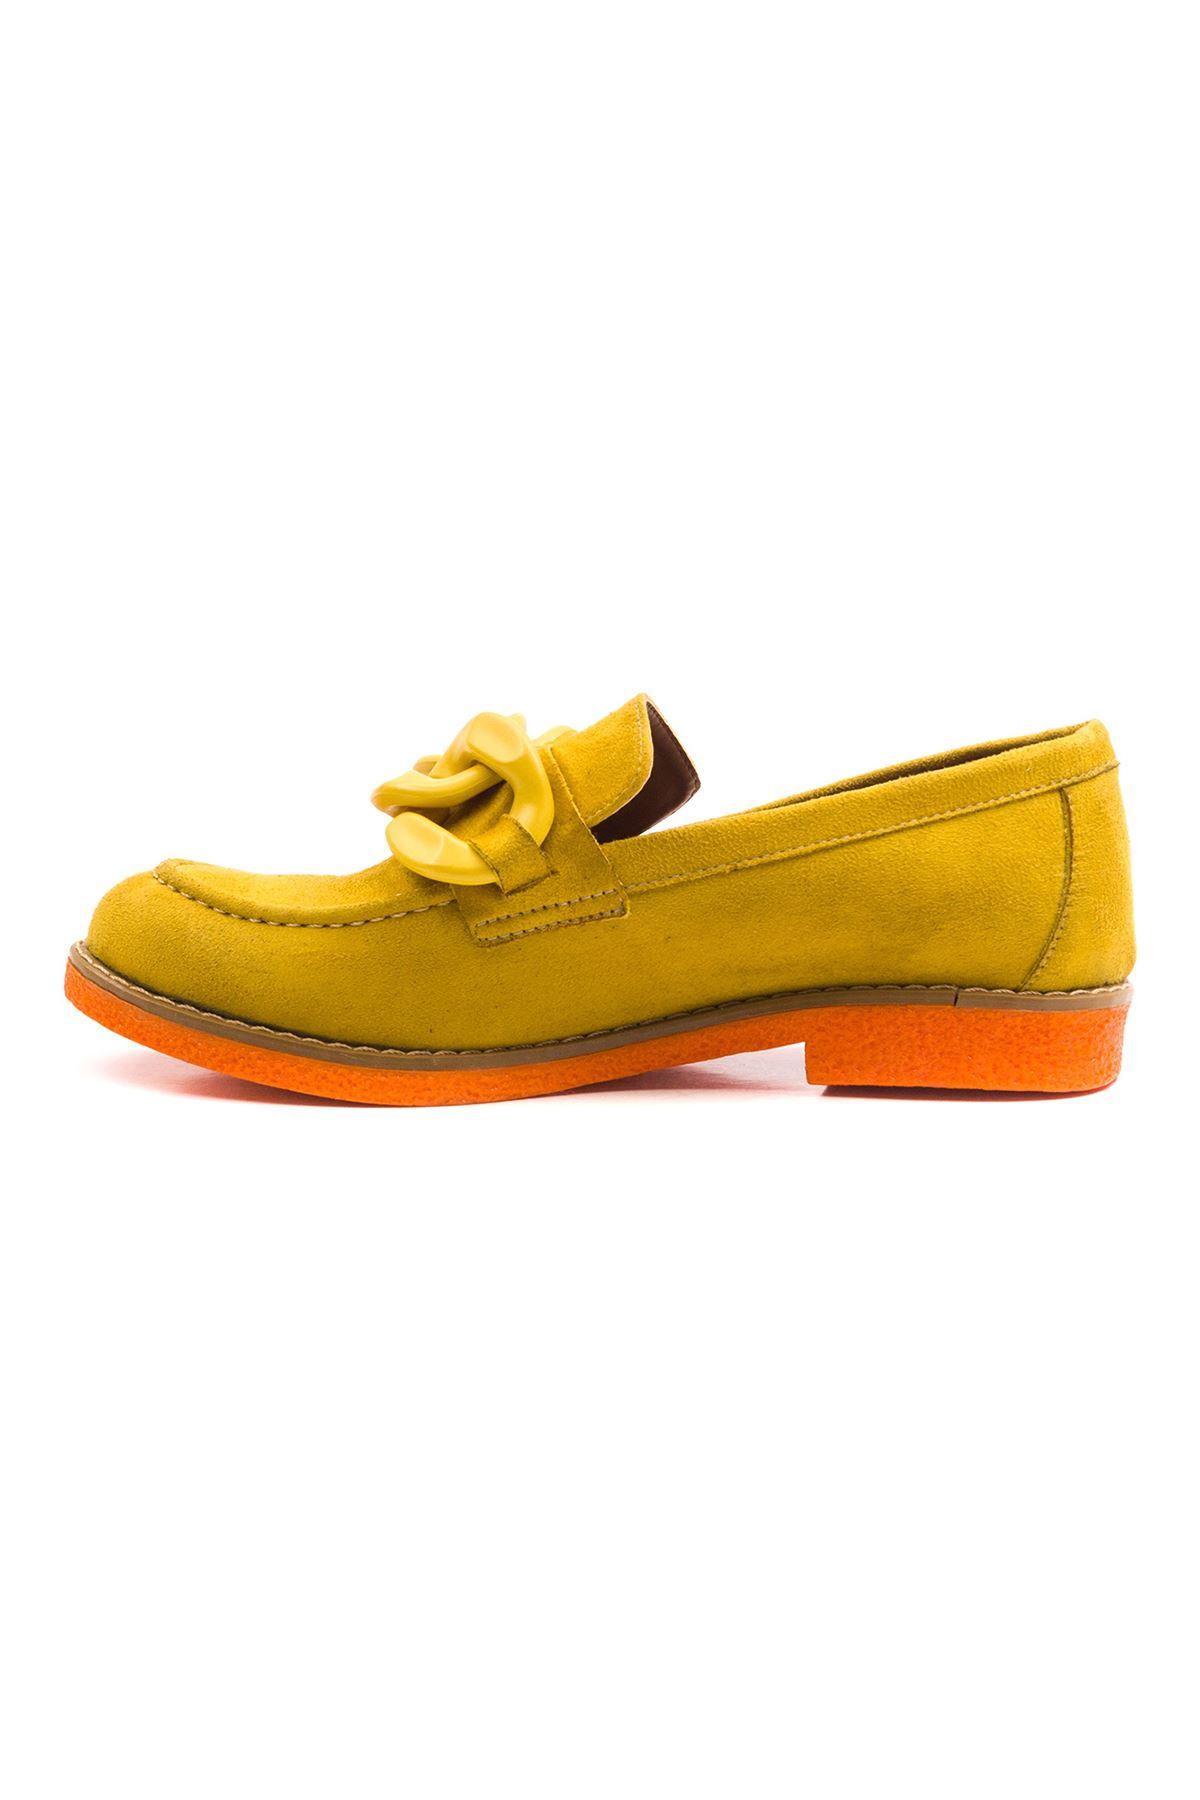 Violaces Kadın Ayakkabı Bot Sarı Süet Oranj Taban